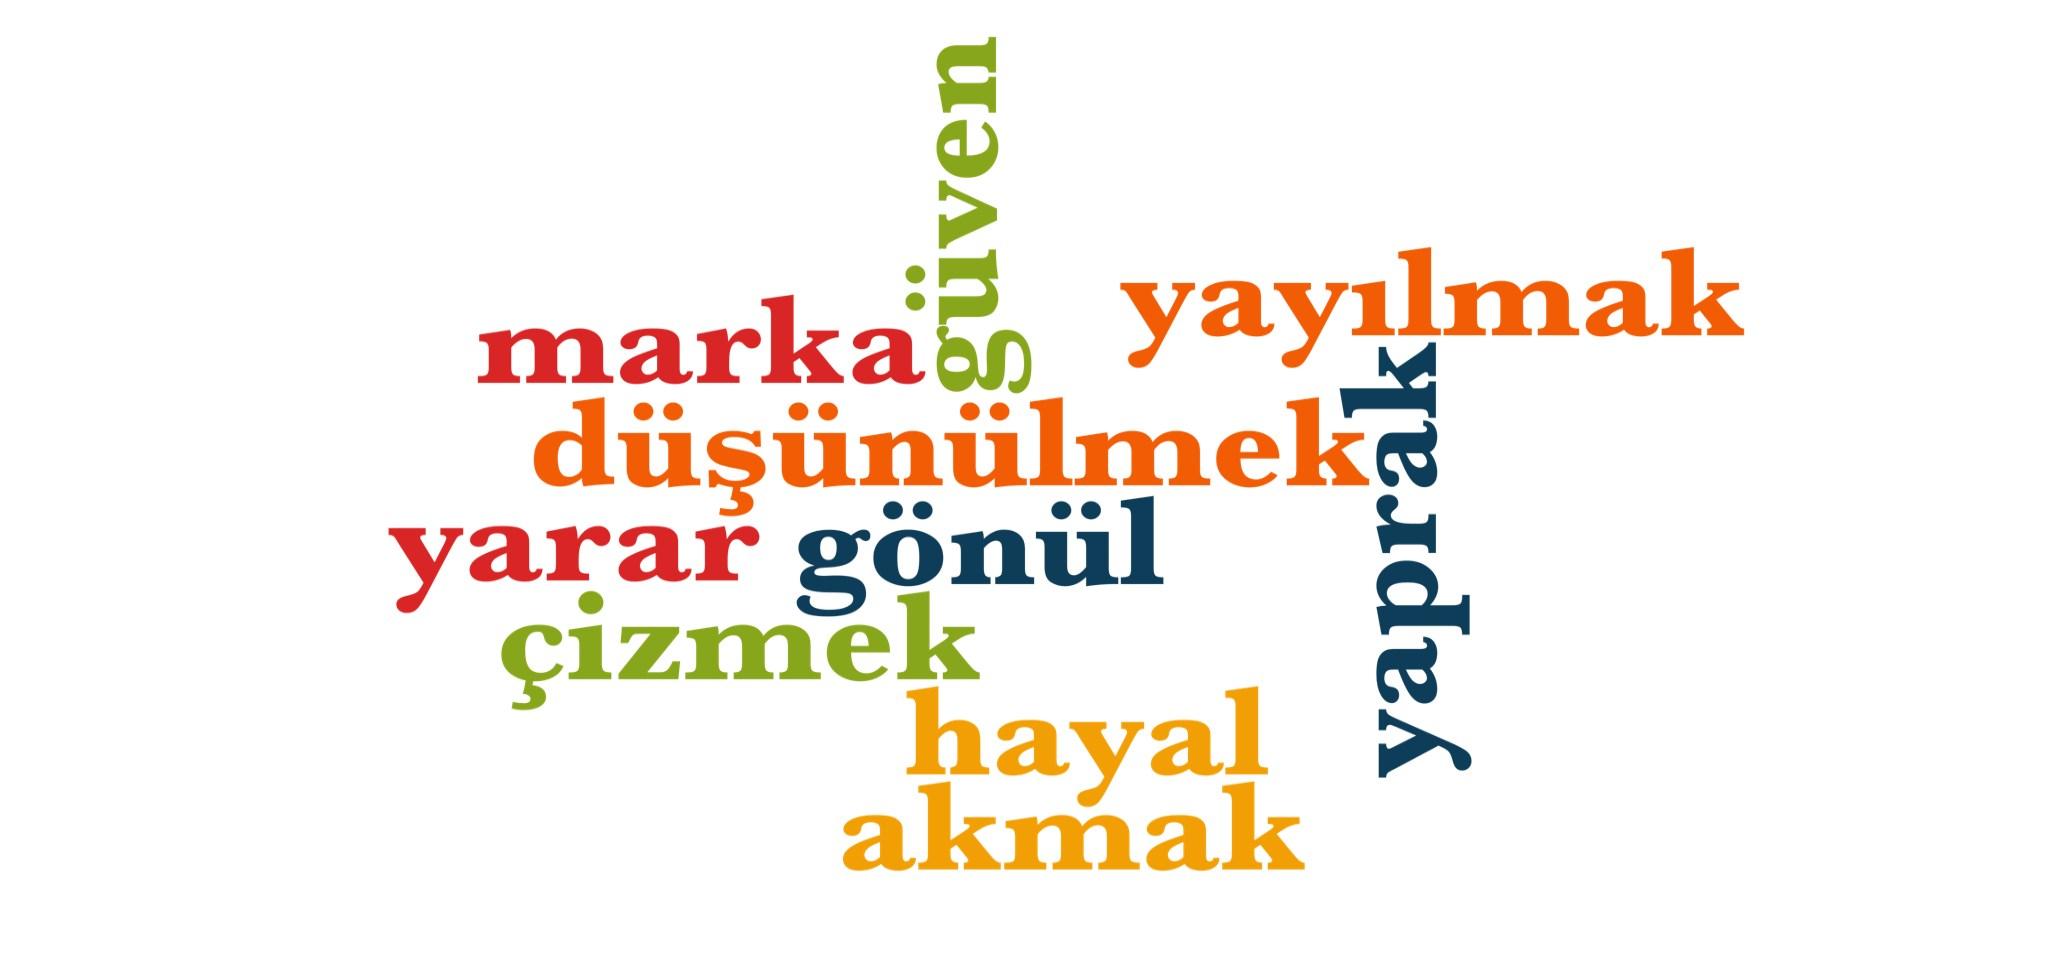 Wörter 971 bis 980 der 1000 häufigsten Wörter der türkischen Sprache